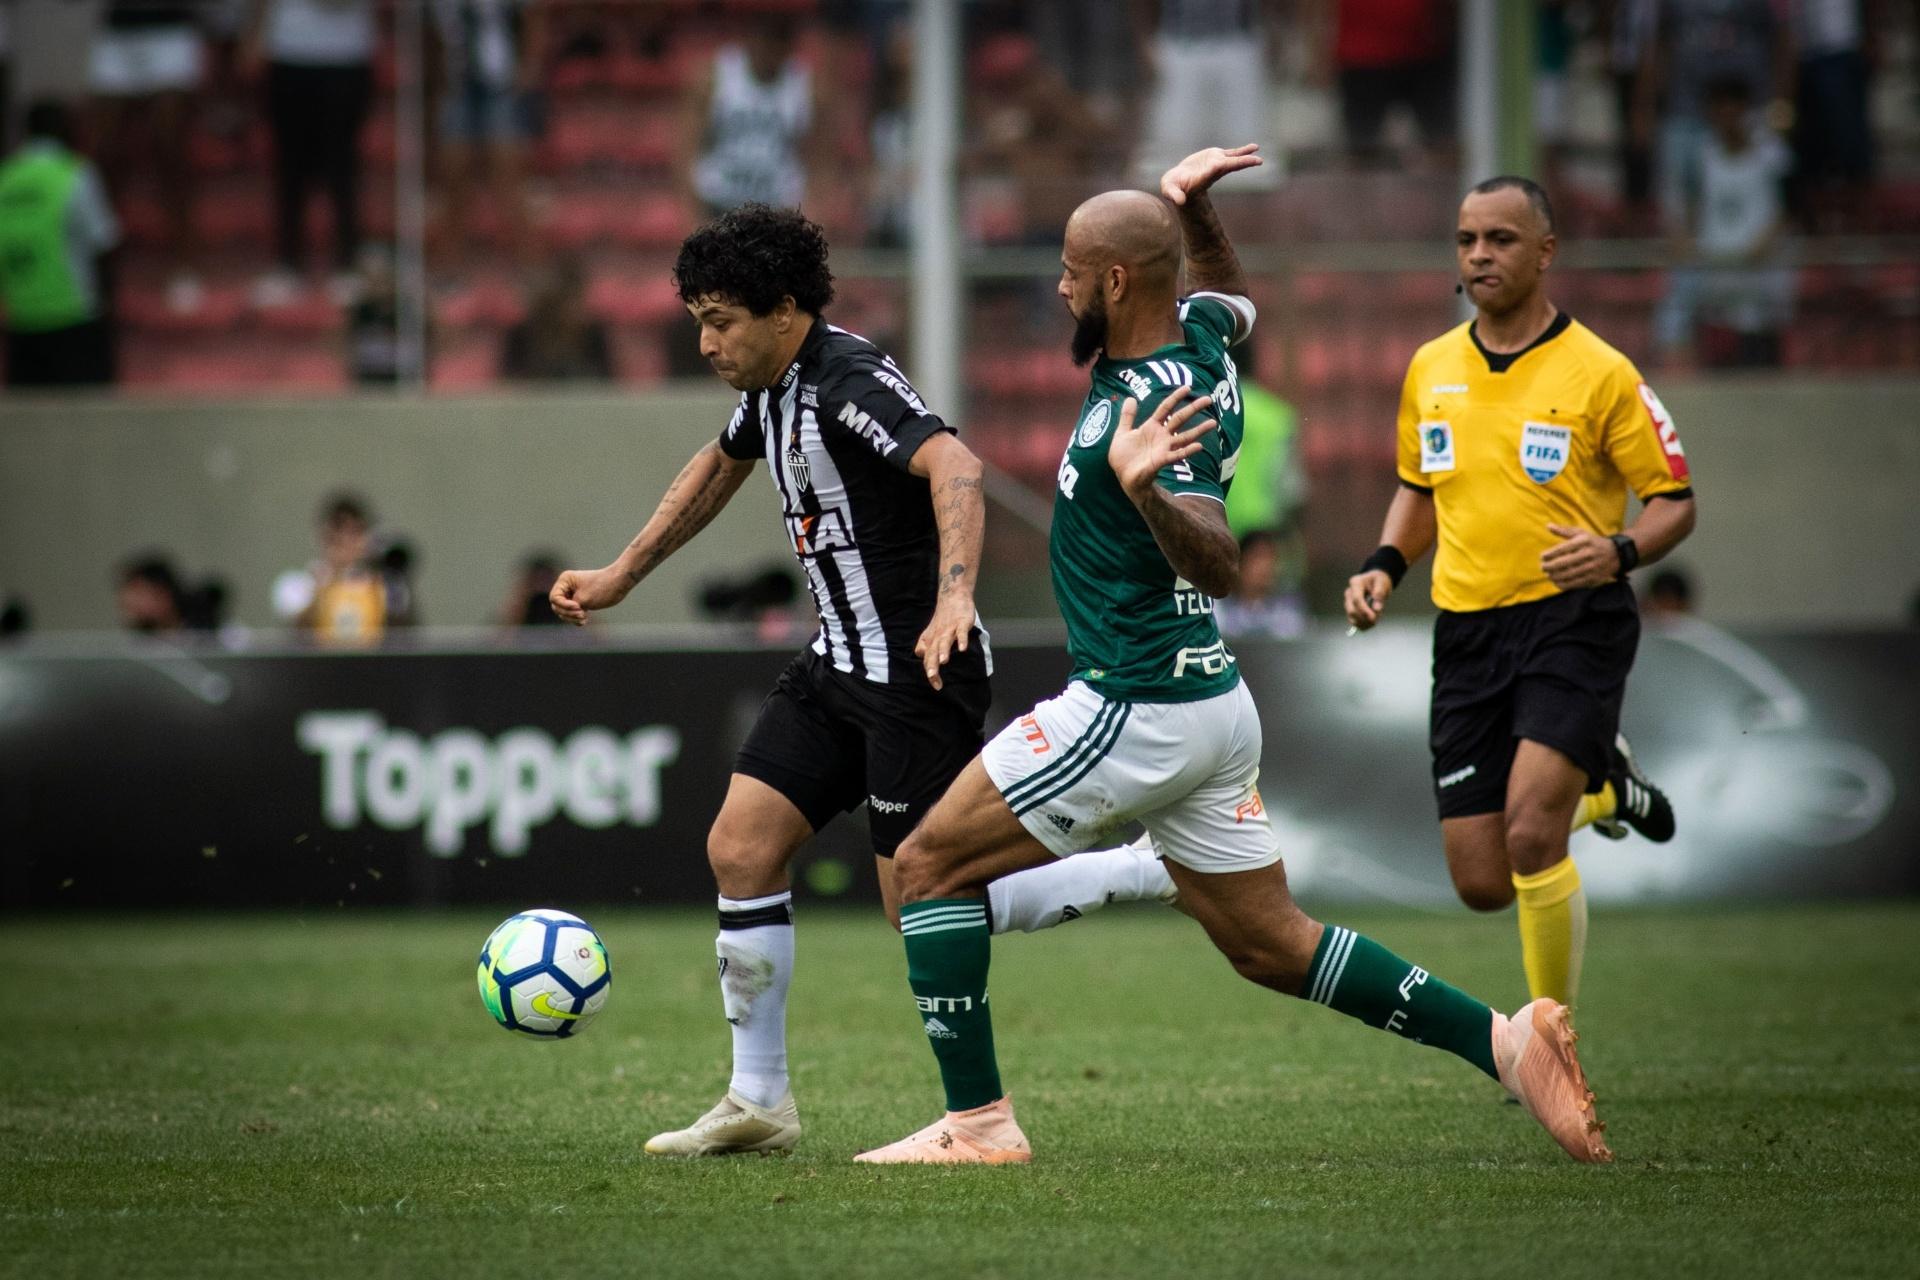 15fe92af47 Atacantes do Atlético-MG vivem seca de gols e não marcam há sete jogos -  16 11 2018 - UOL Esporte